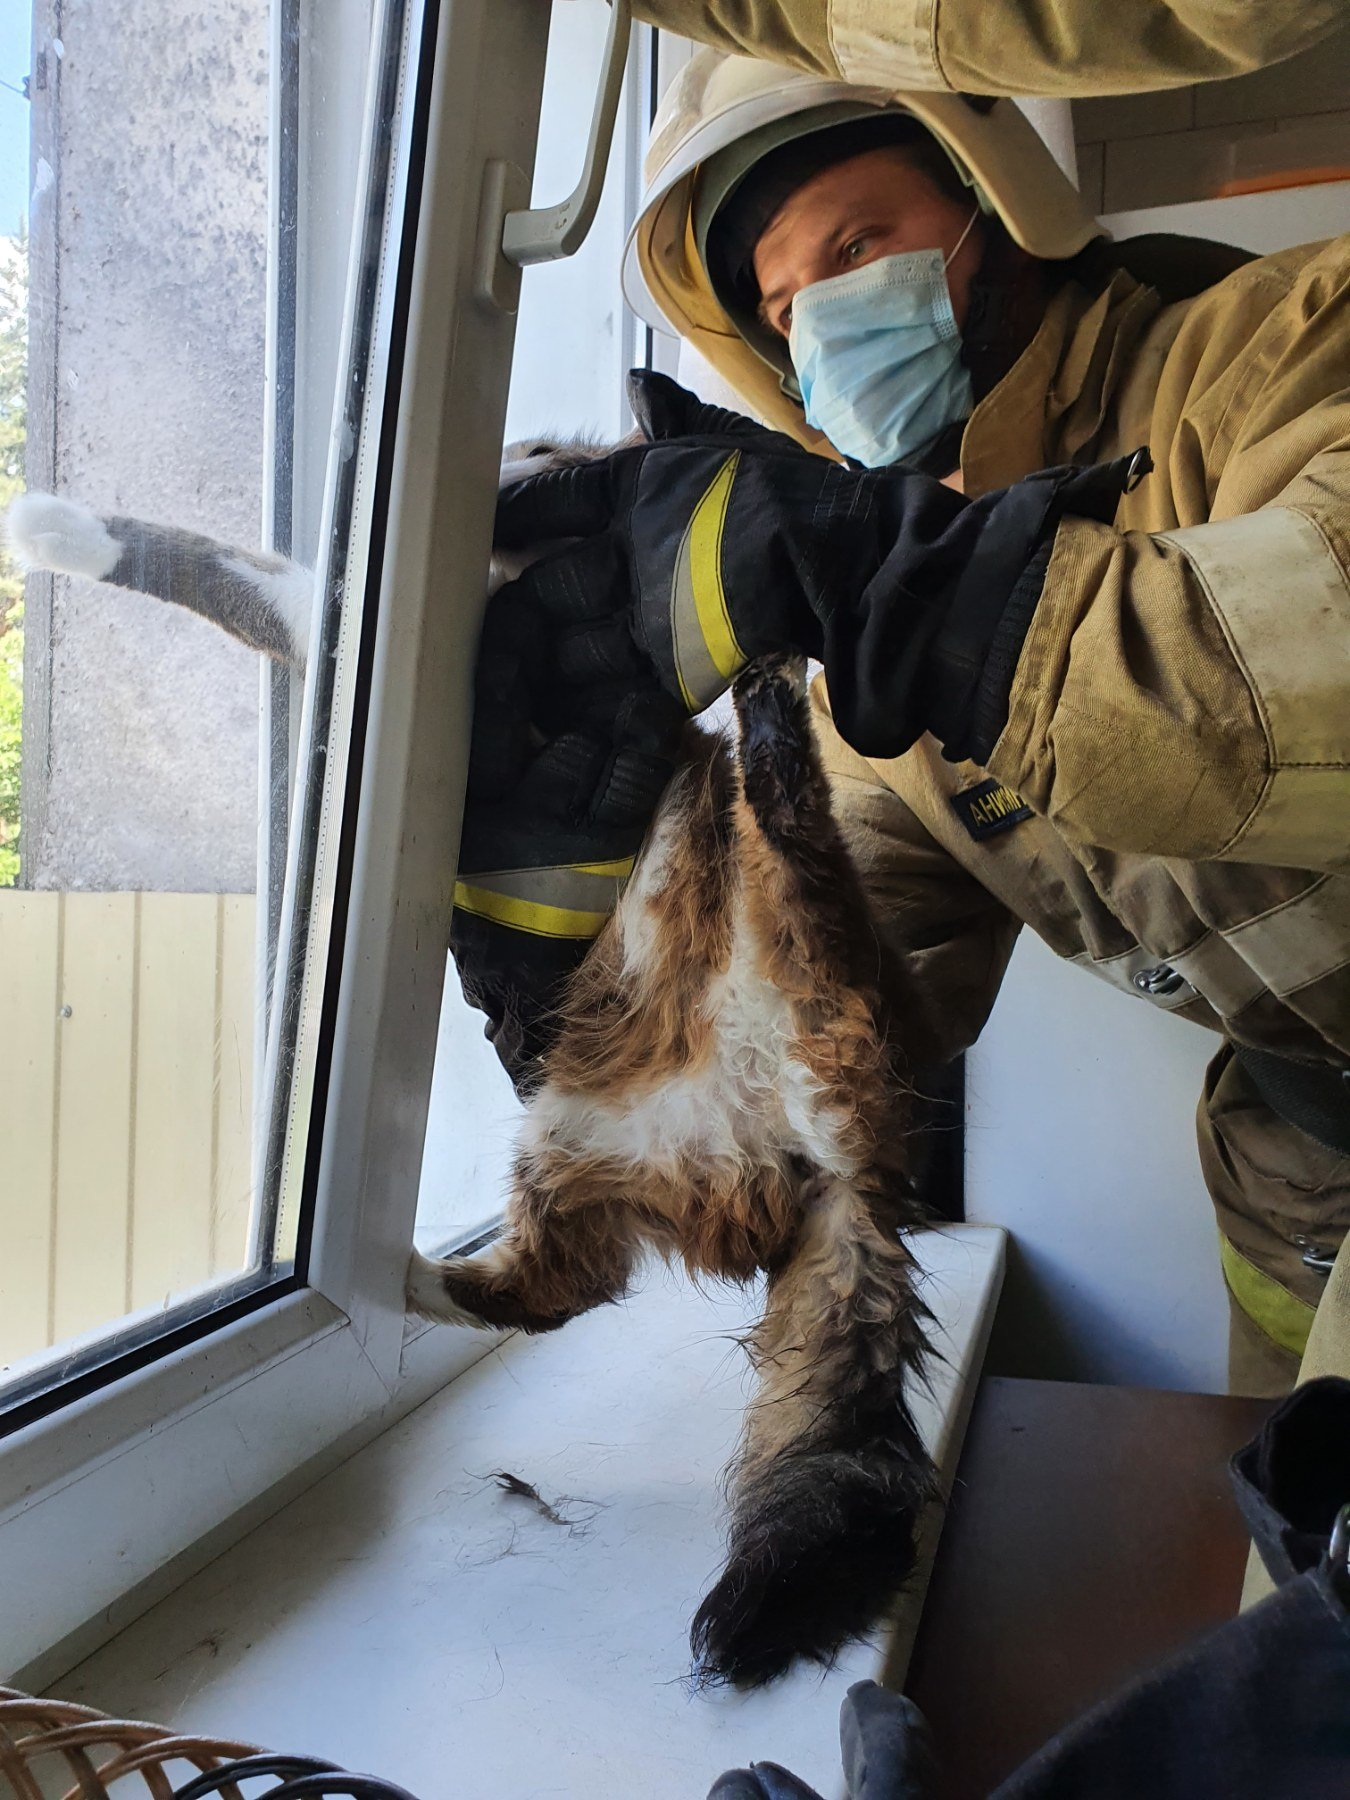 В Новом Осколе спасли застрявшую в оконной раме кошку, фото-2